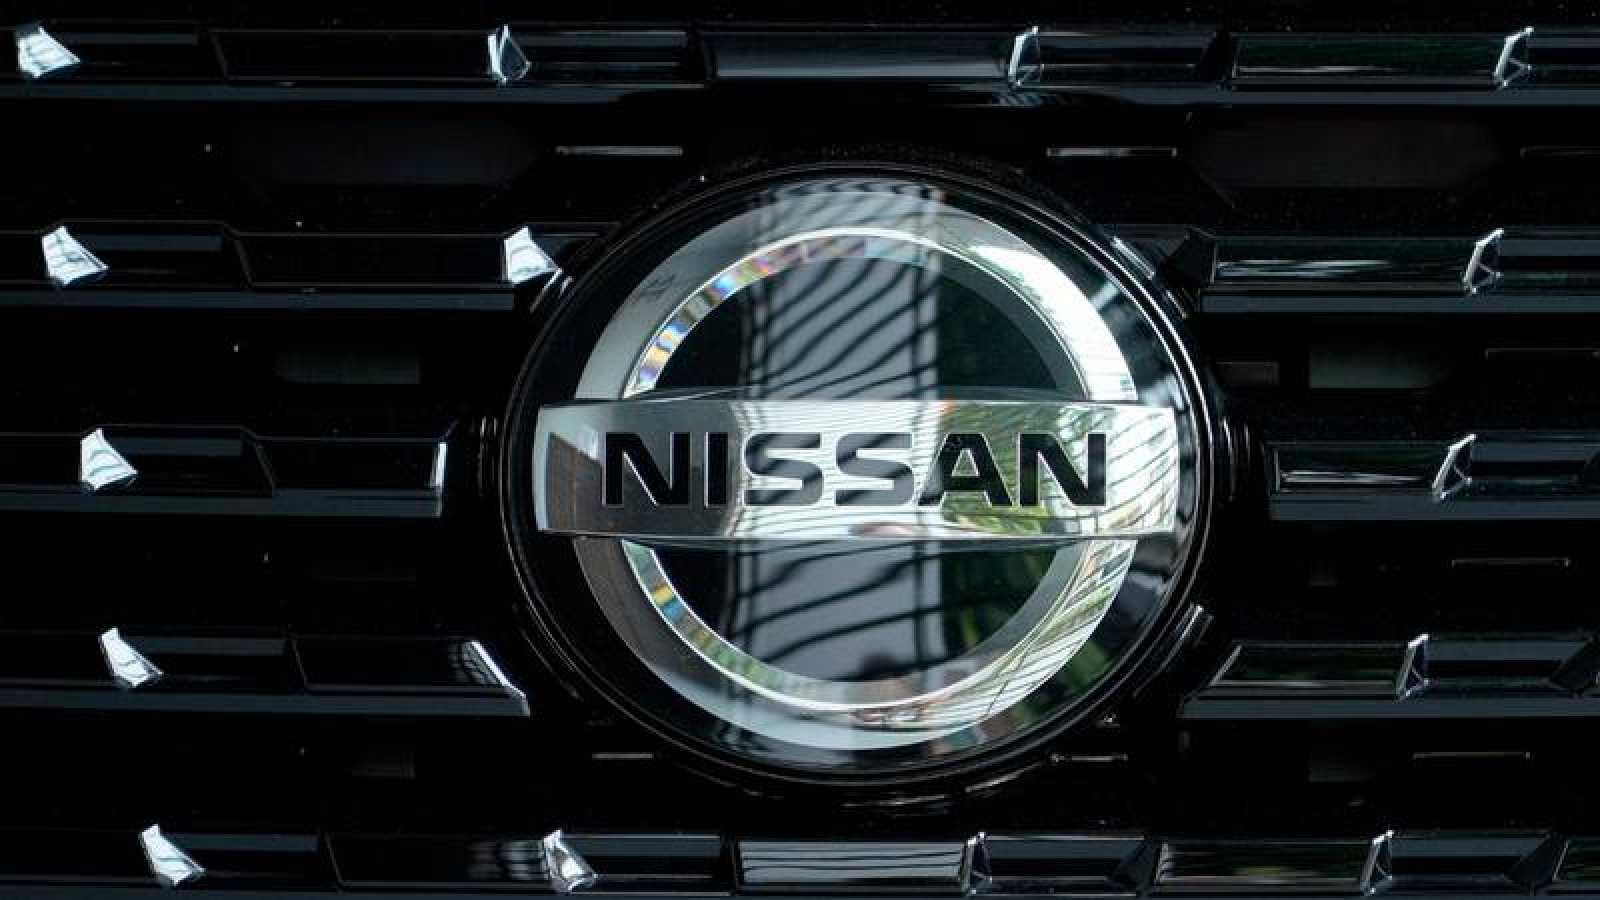 Logo de Nissan sobre un vehículo